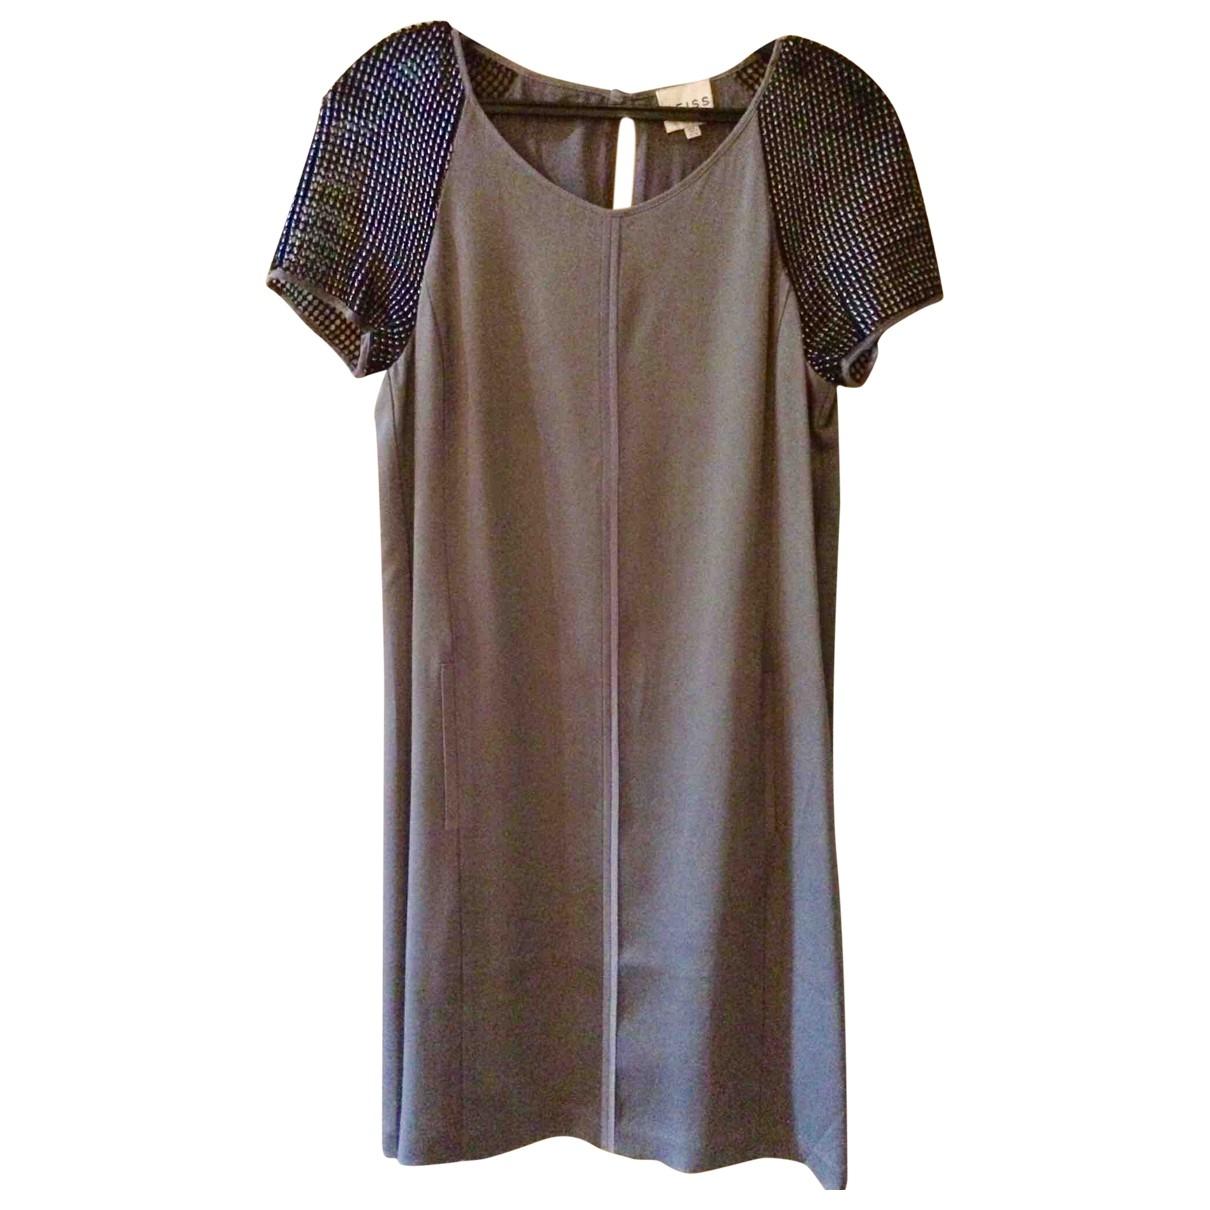 Reiss \N Kleid in  Silber Polyester